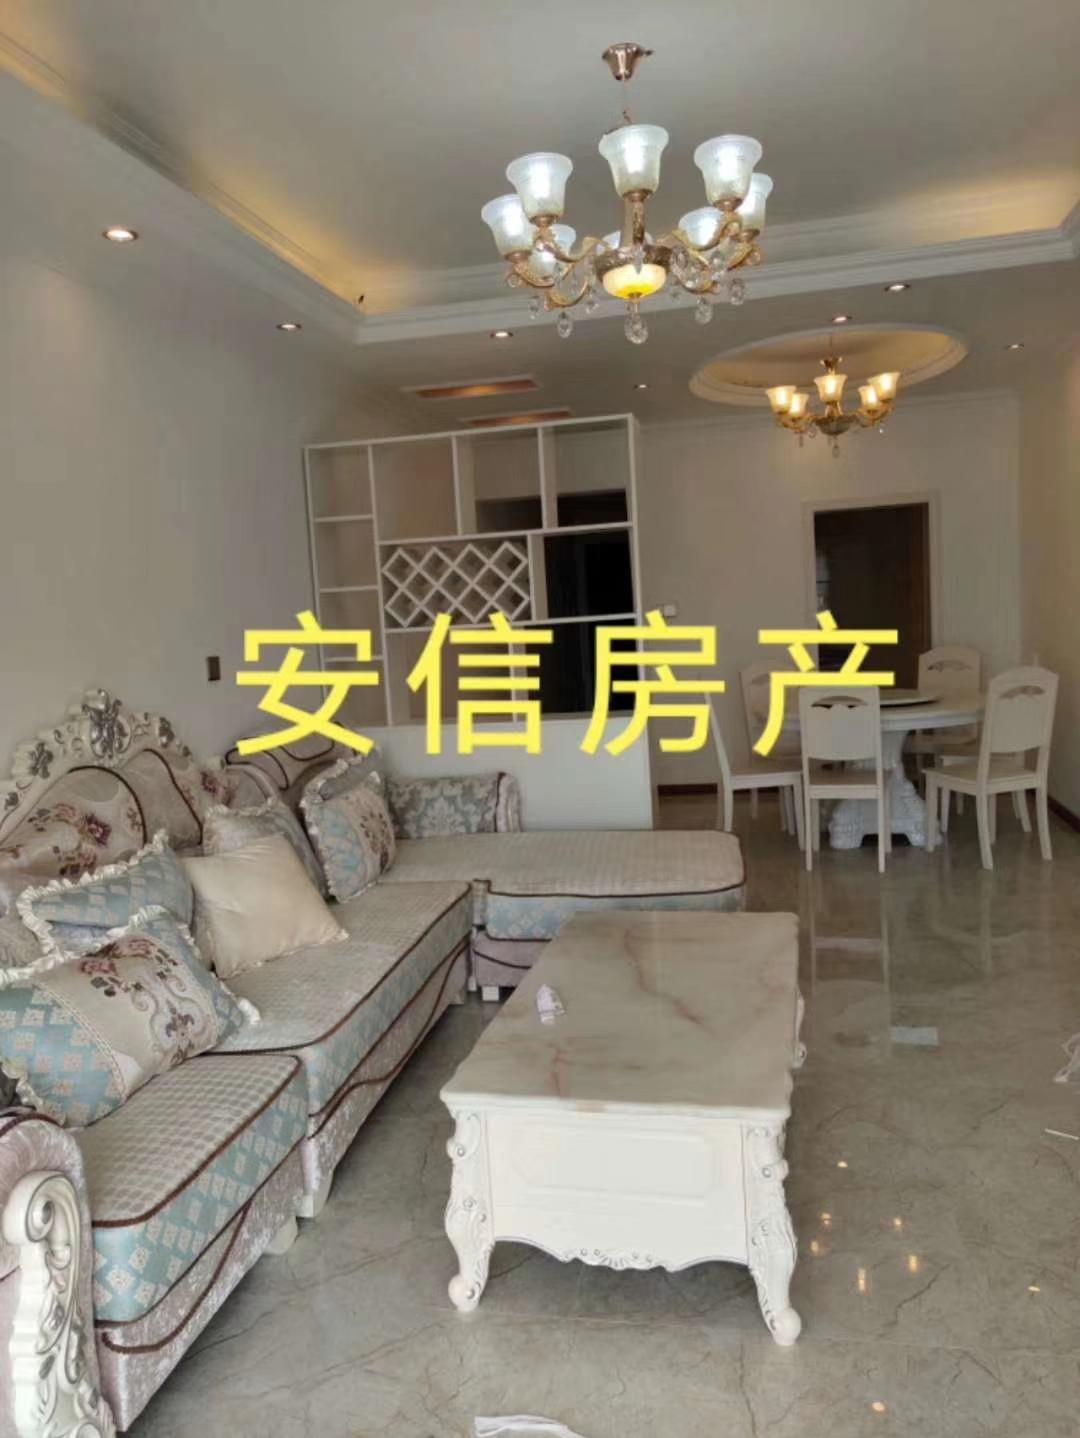 盐亭锦都乐苑电梯房3室 2厅 1卫52.8万元